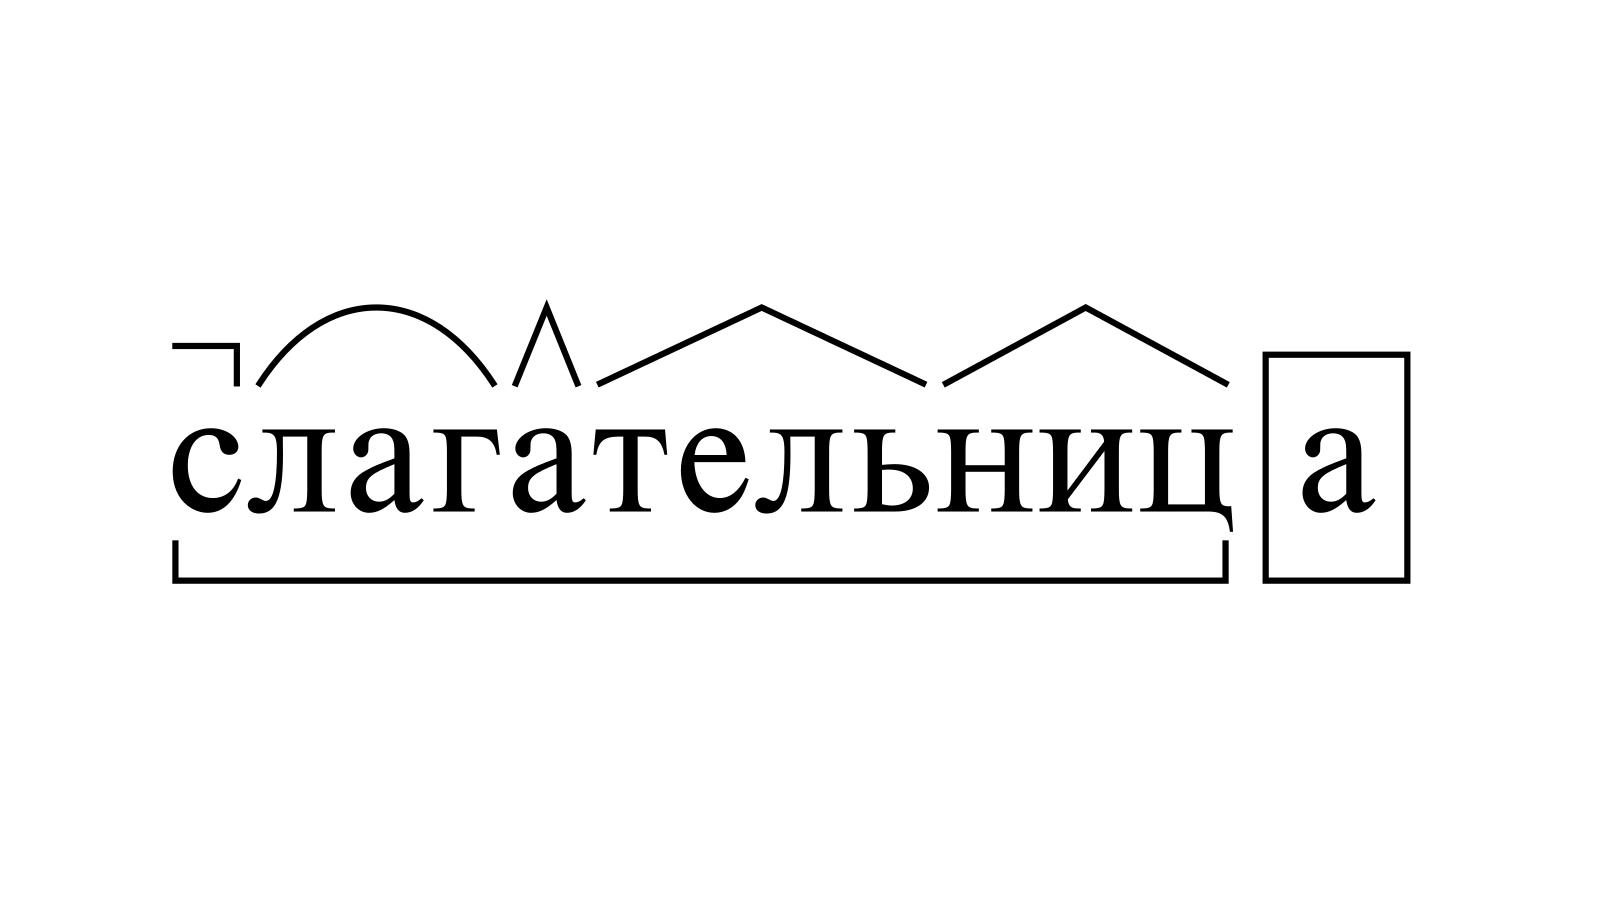 Разбор слова «слагательница» по составу